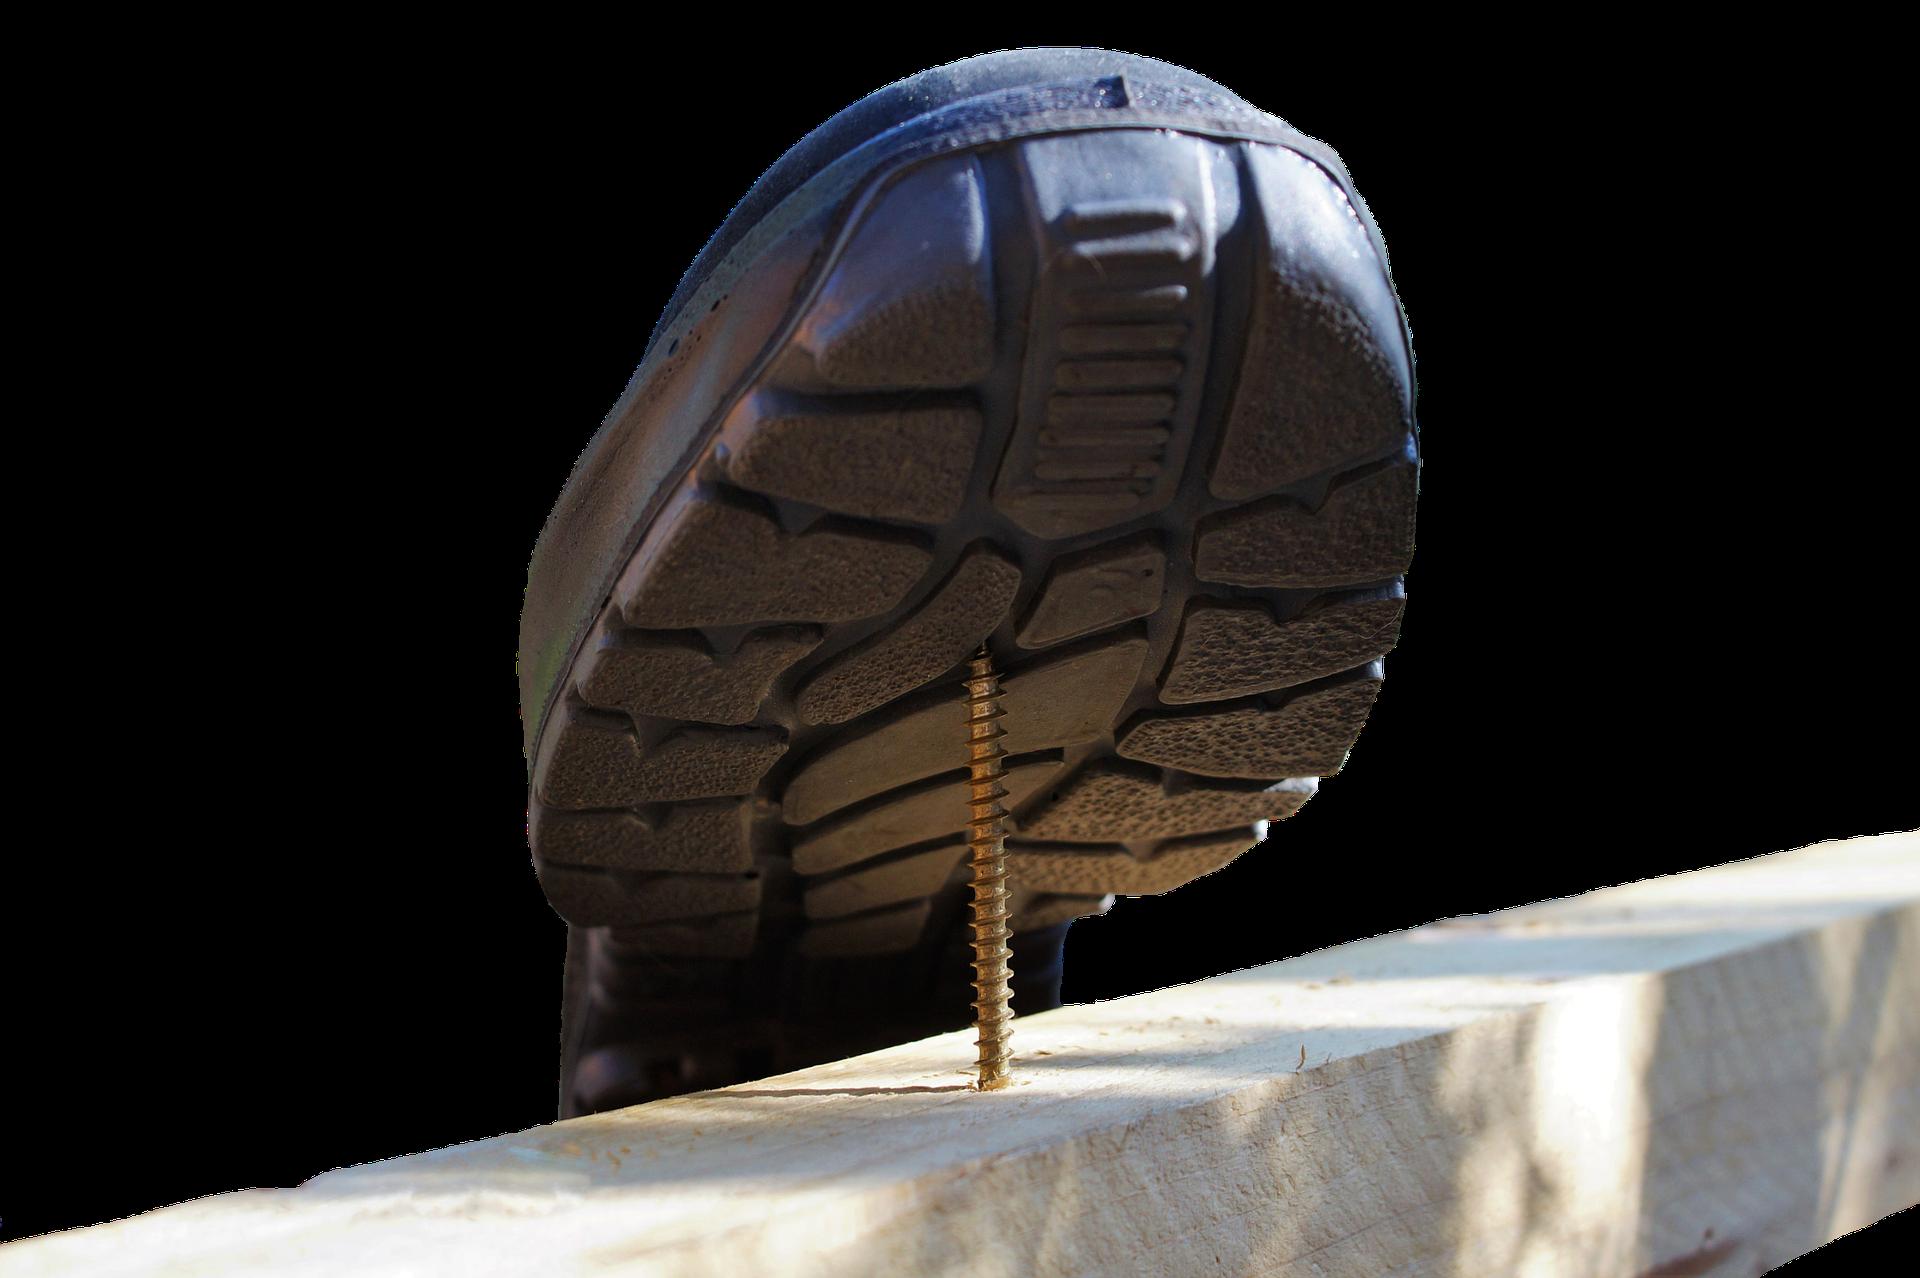 Veiligheidsschoen tussenzool met anti perforatie